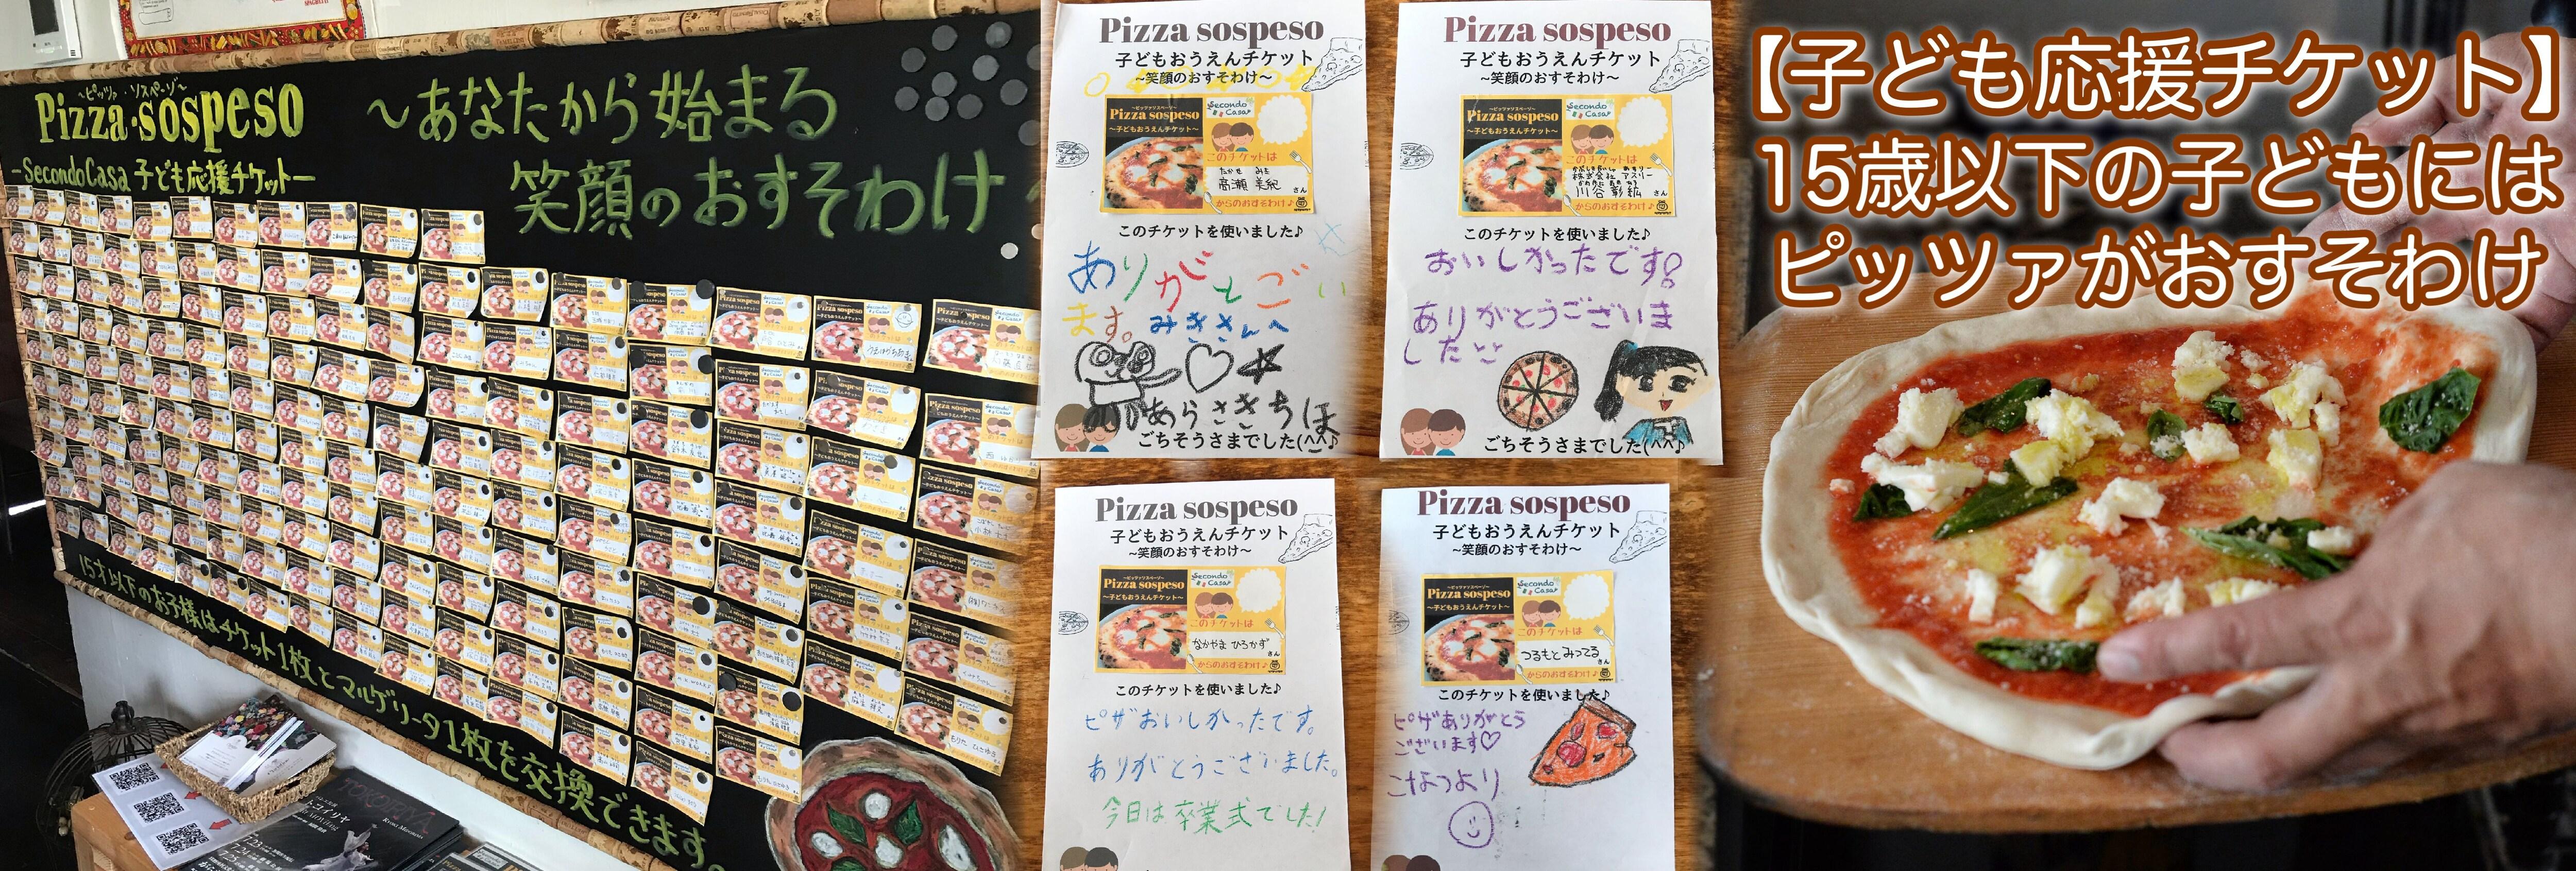 沖縄県浦添市の本格イタリアン『SecondoCasa/セコンドカーサ』